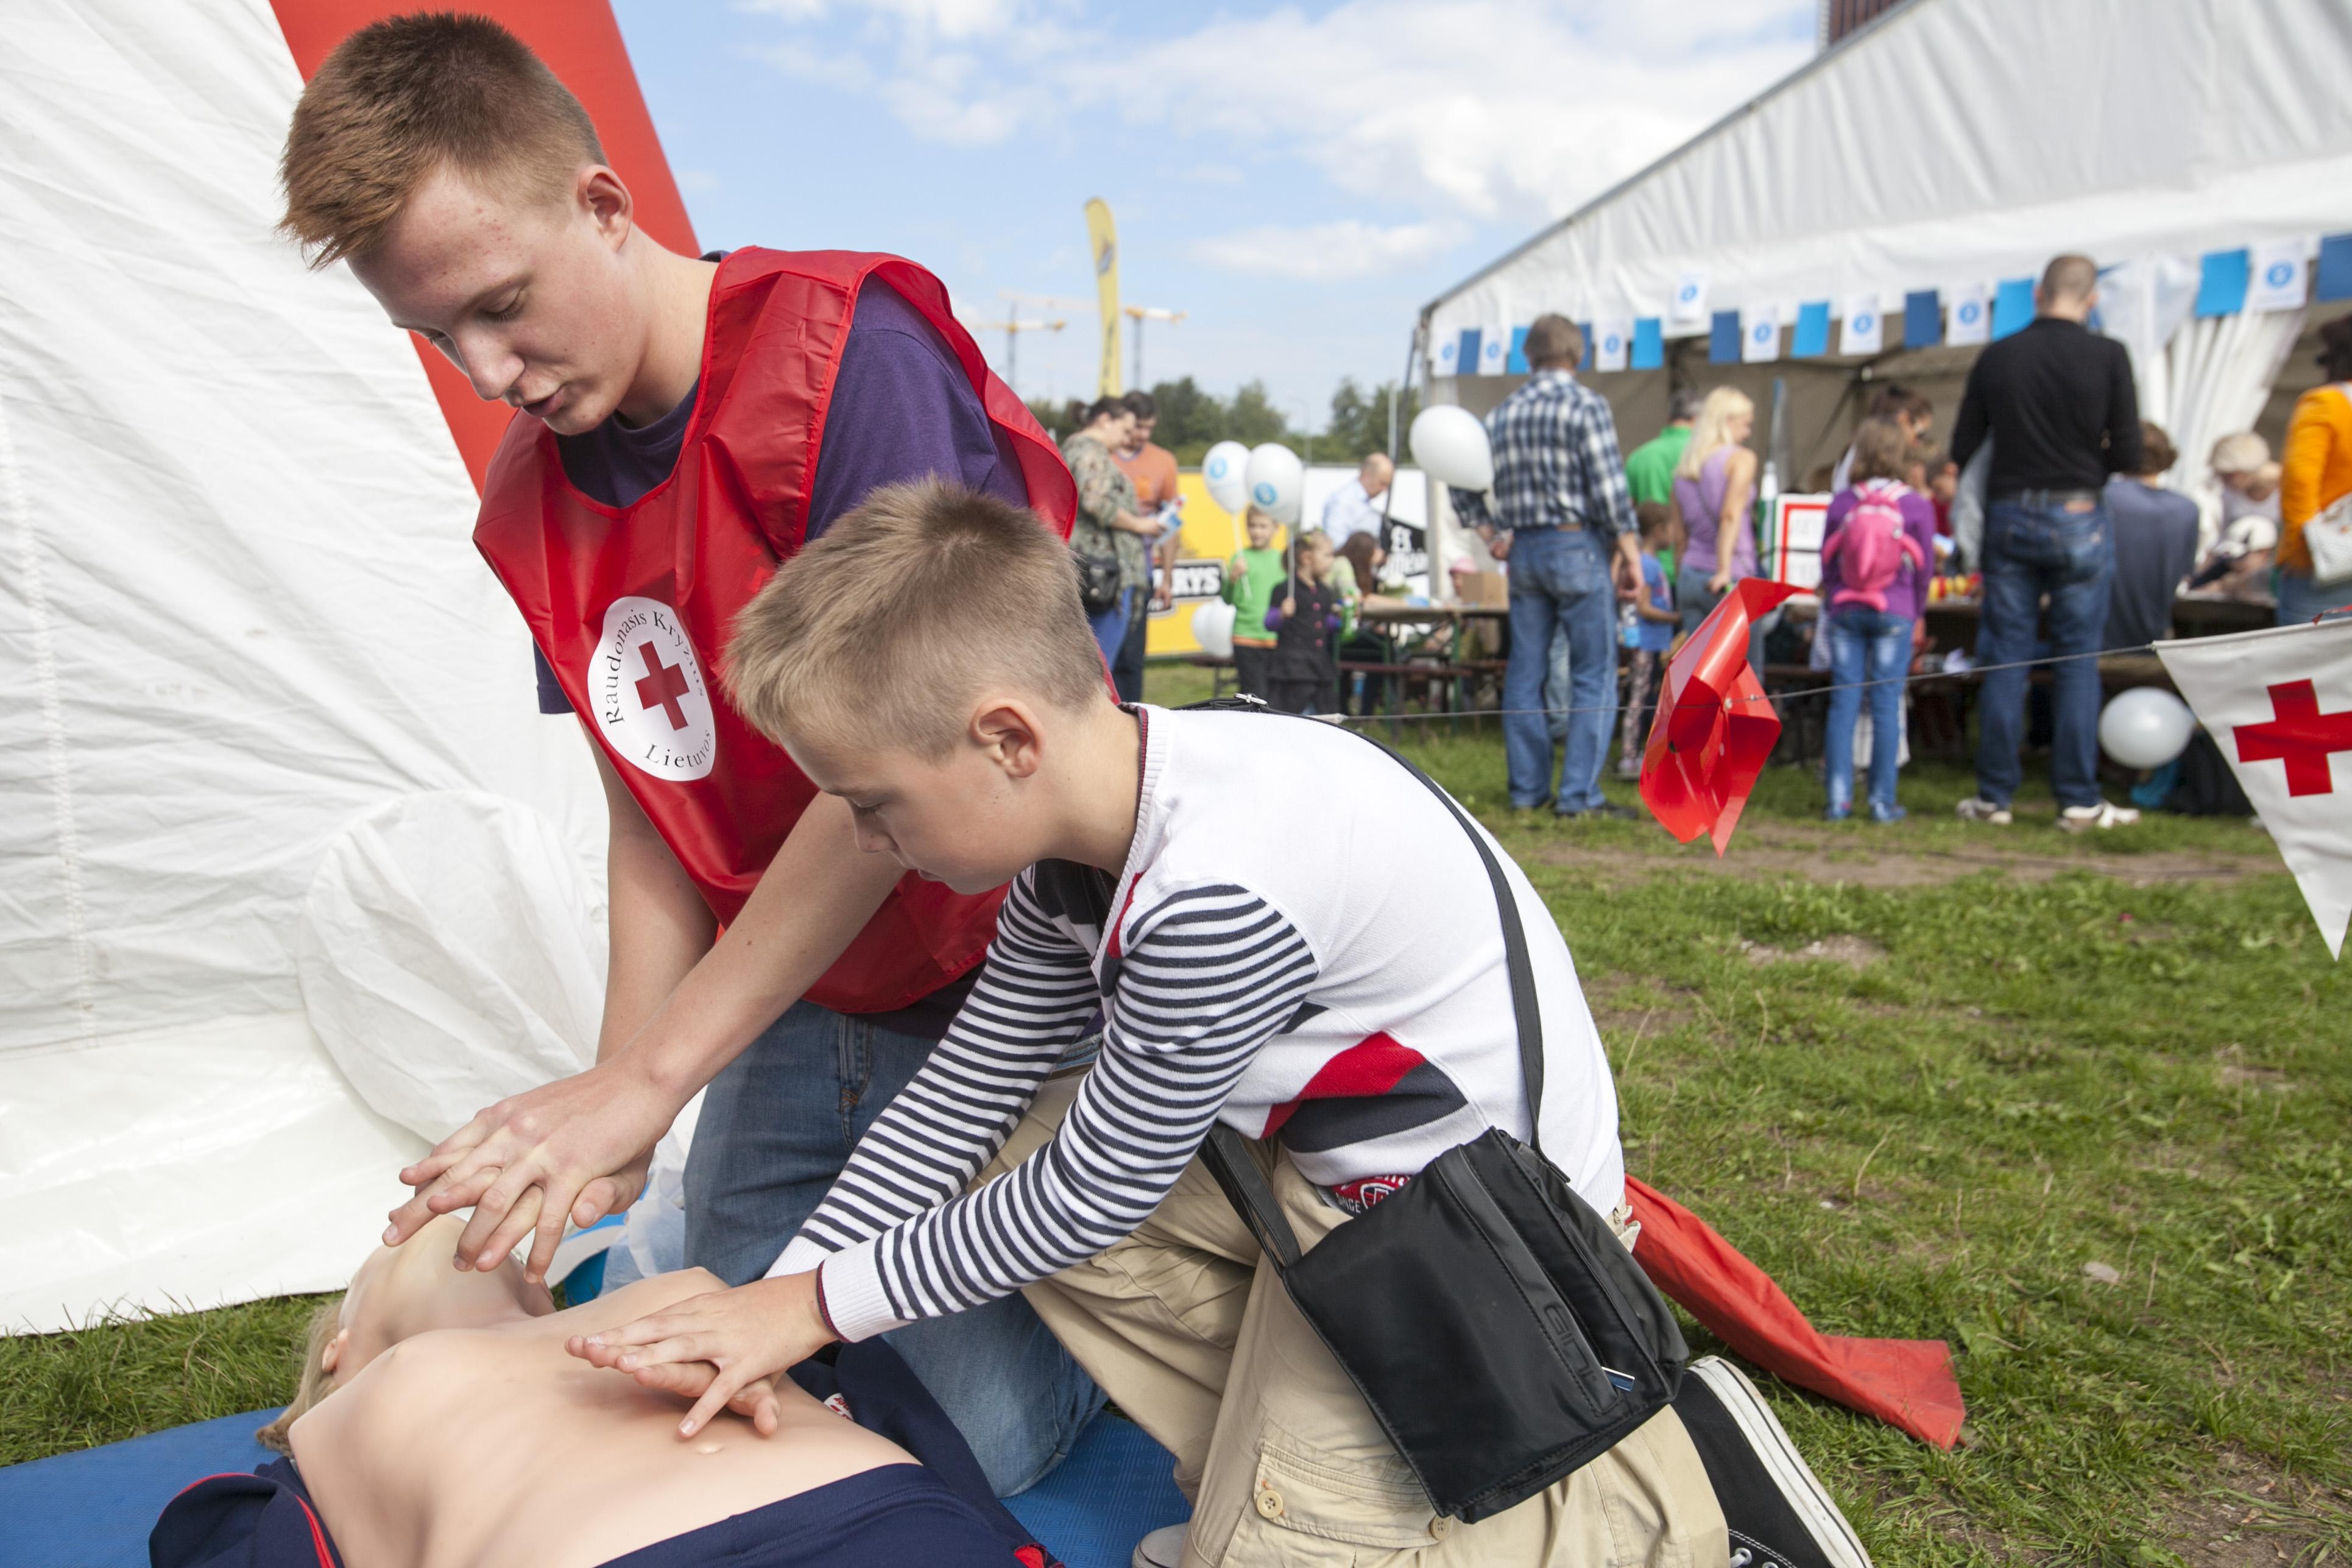 Dažnai žmonės numoja ranka ir atsainiai žiūri į gyvybės gelbėjimo įgūdžius – kol patys nesusiduria su kritinėmis situacijomis.